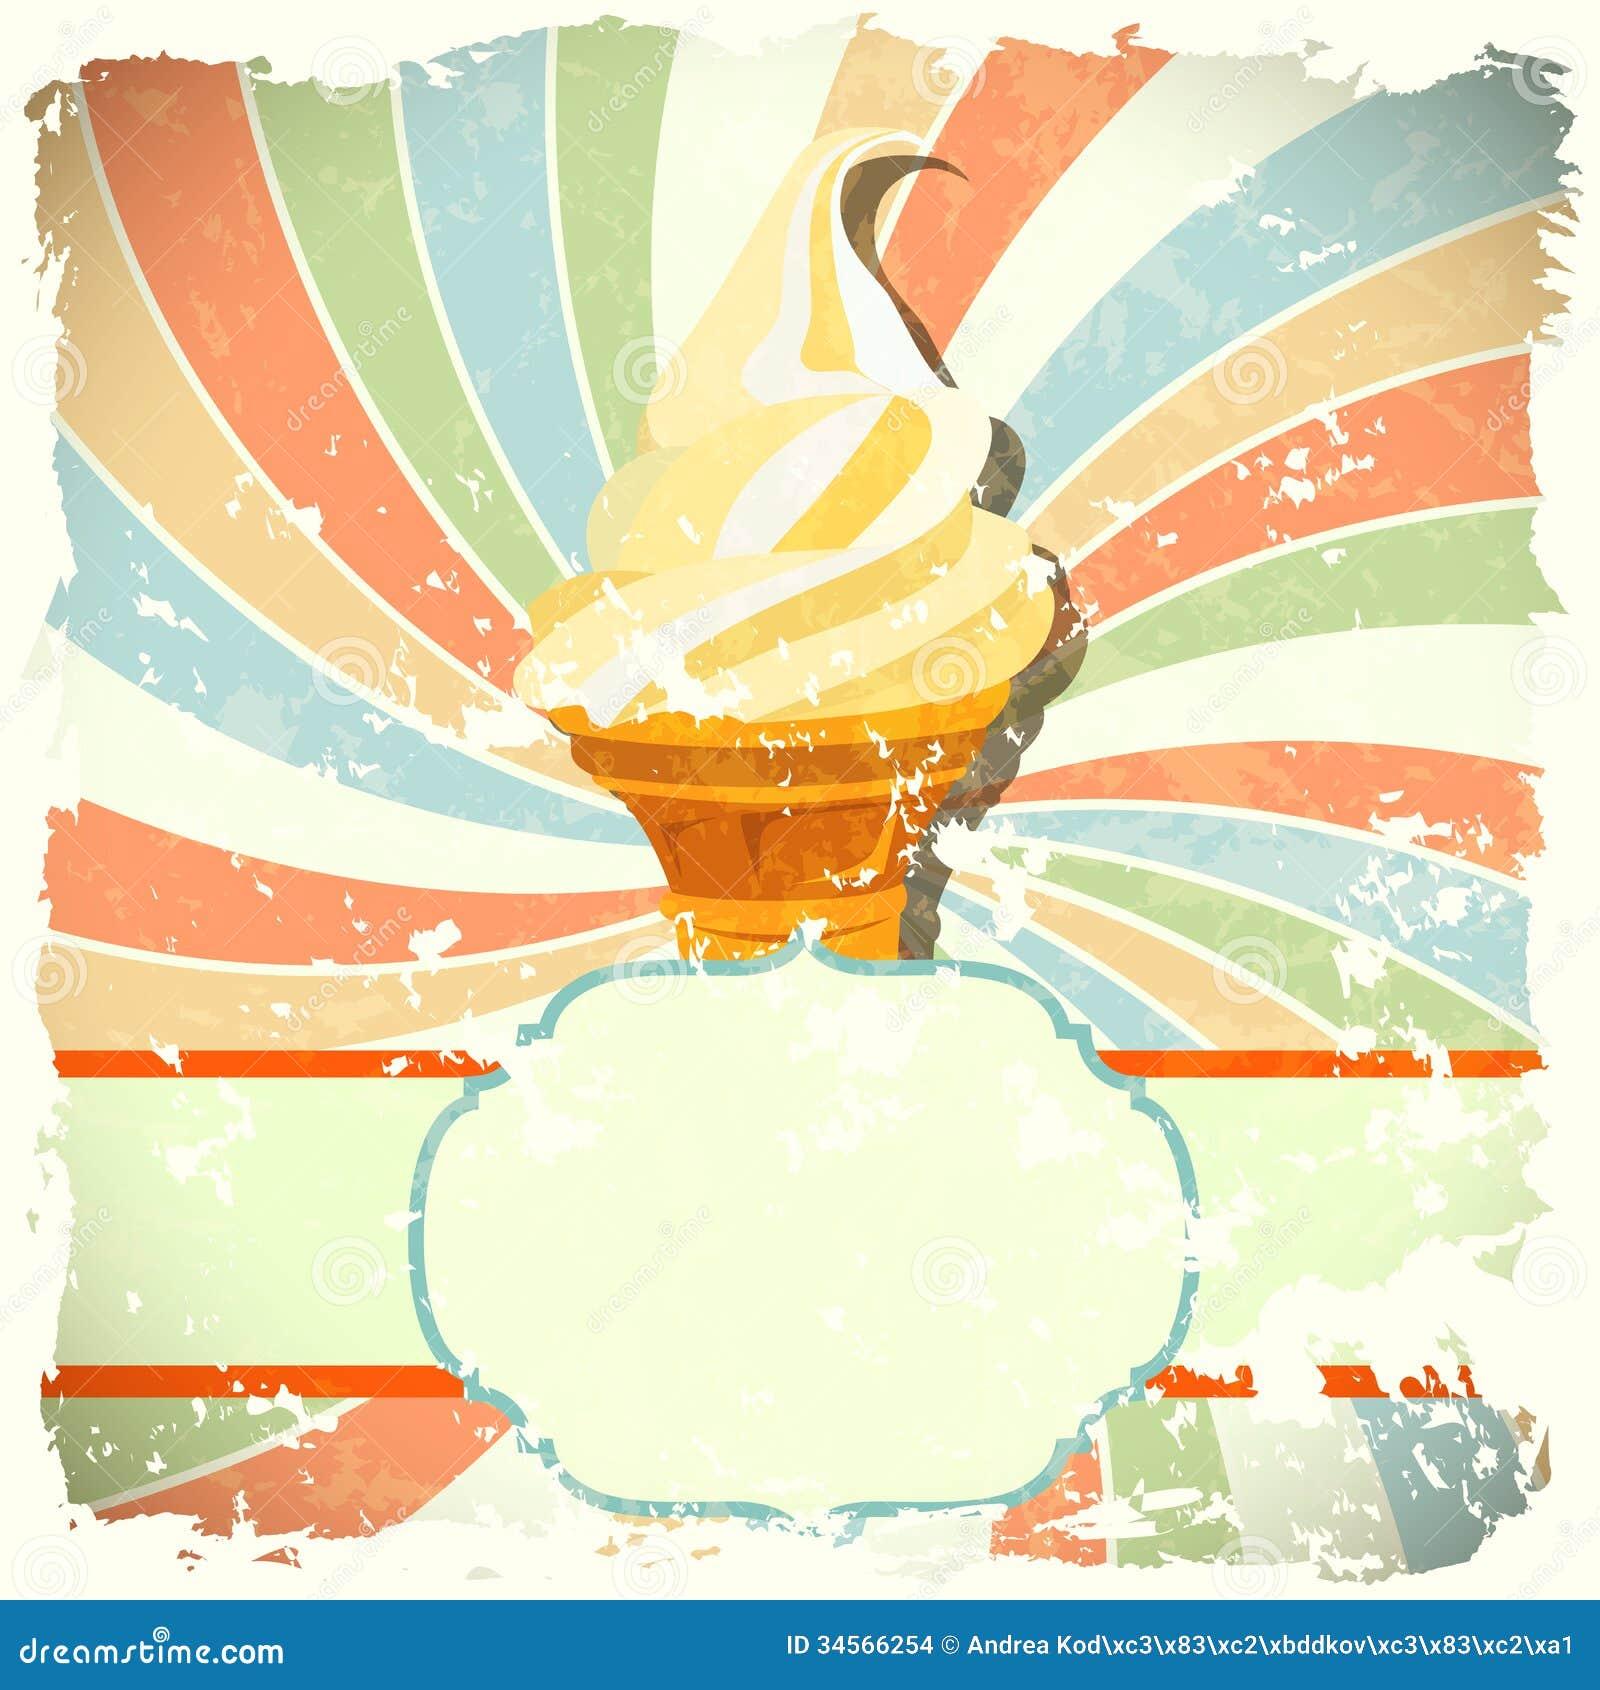 vintage ice cream clipart - photo #20